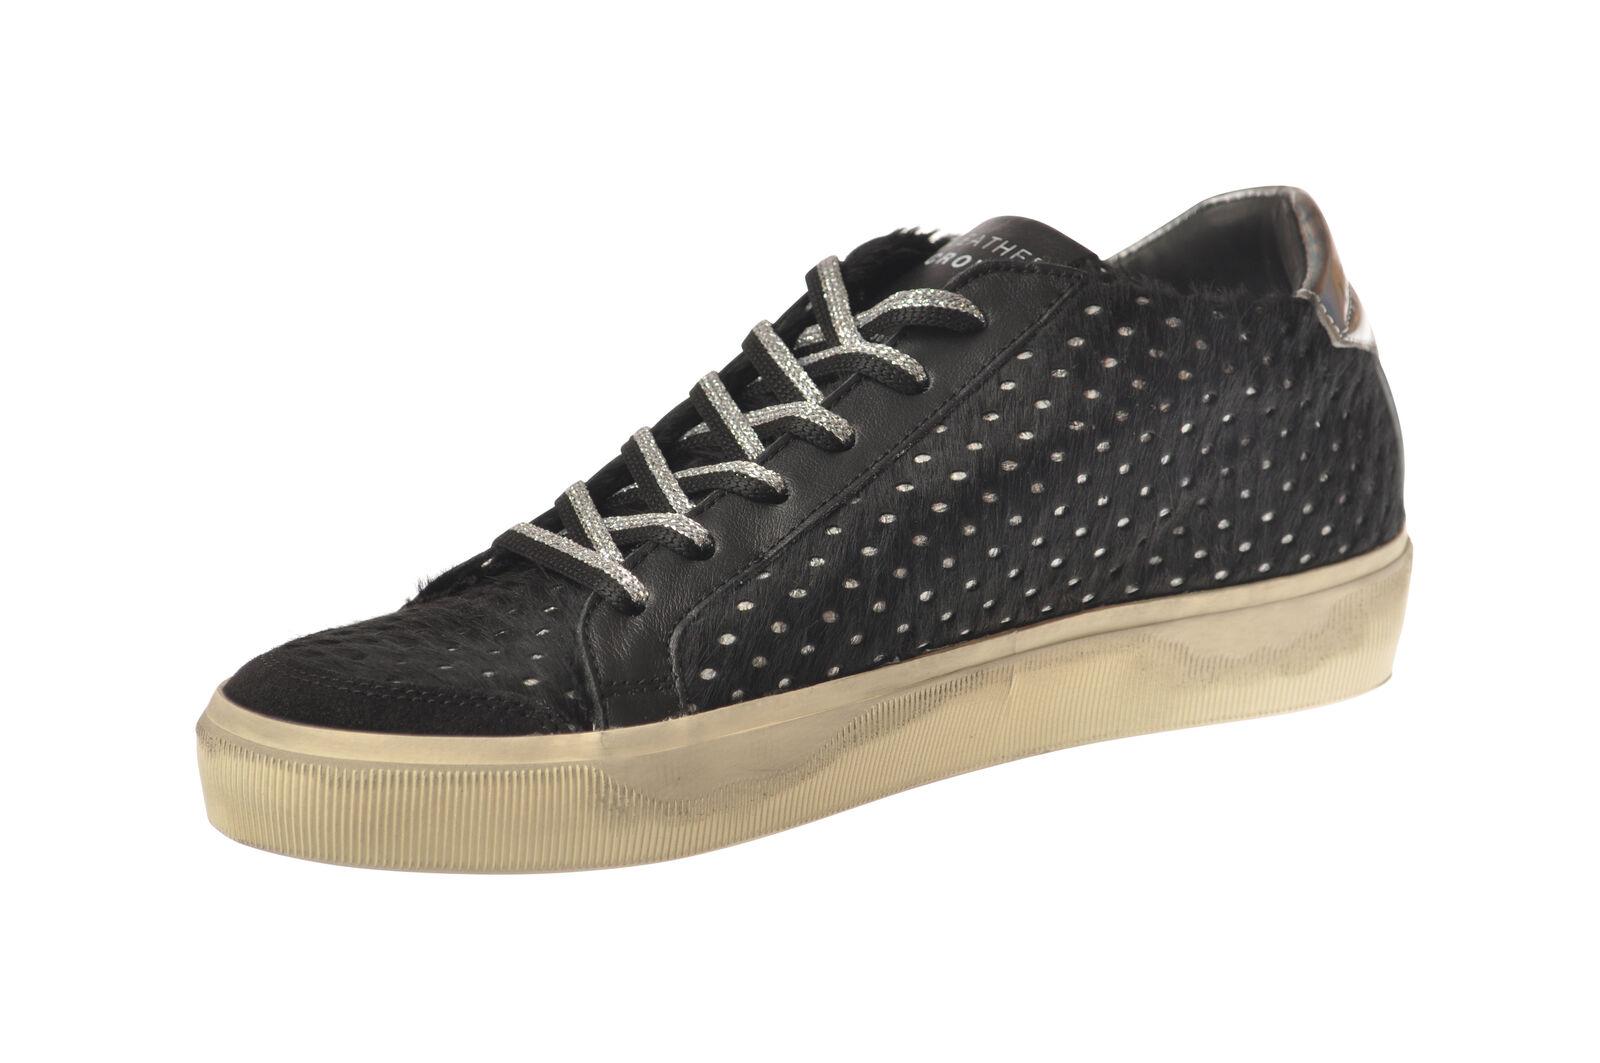 Chung-Shi para mujer Náuticos sensomo IV Zapatos Náuticos mujer Azul (Azul marino/Tã1/4 rkis) 6 Reino Unido e7f541